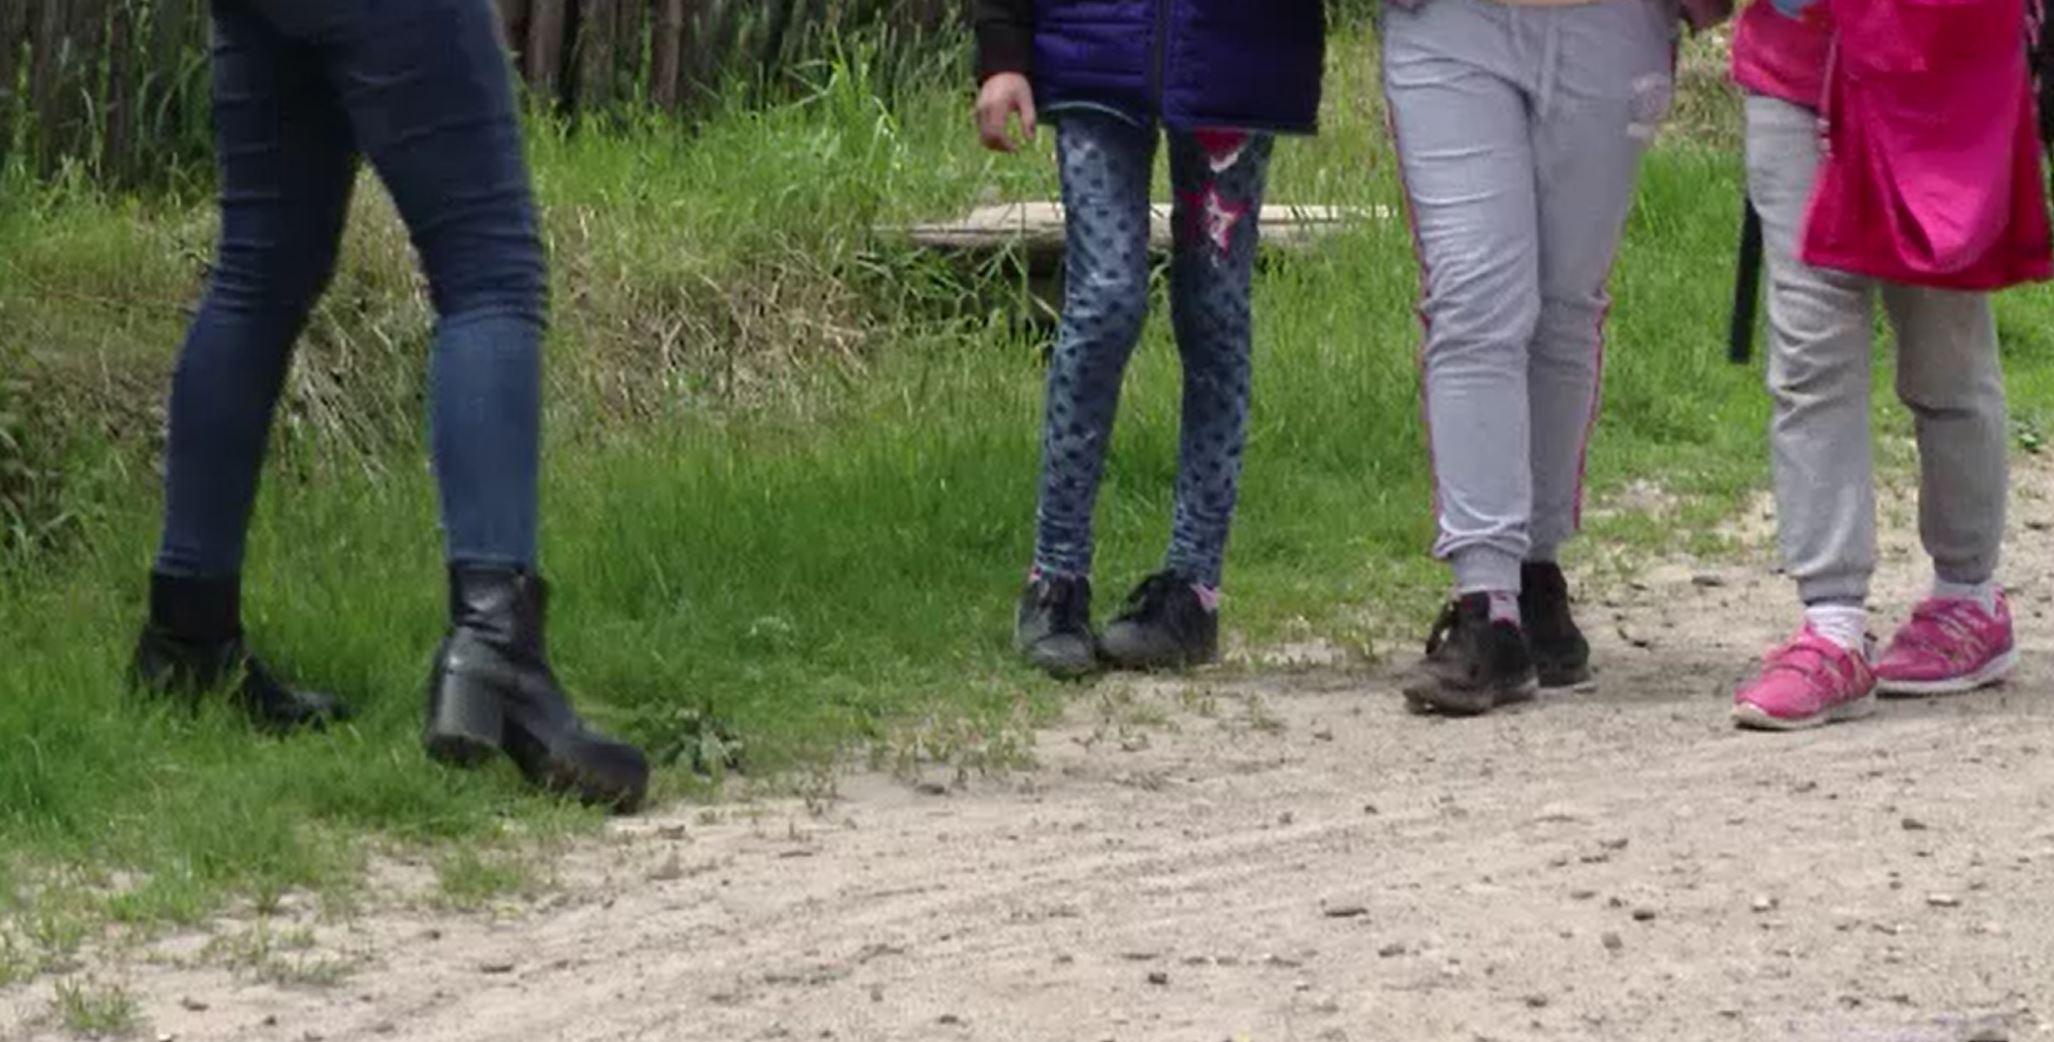 Poveste tulburătoare în Iași. Două fete de șase și șapte ani, abuzate sexual cu acordul mamei lor